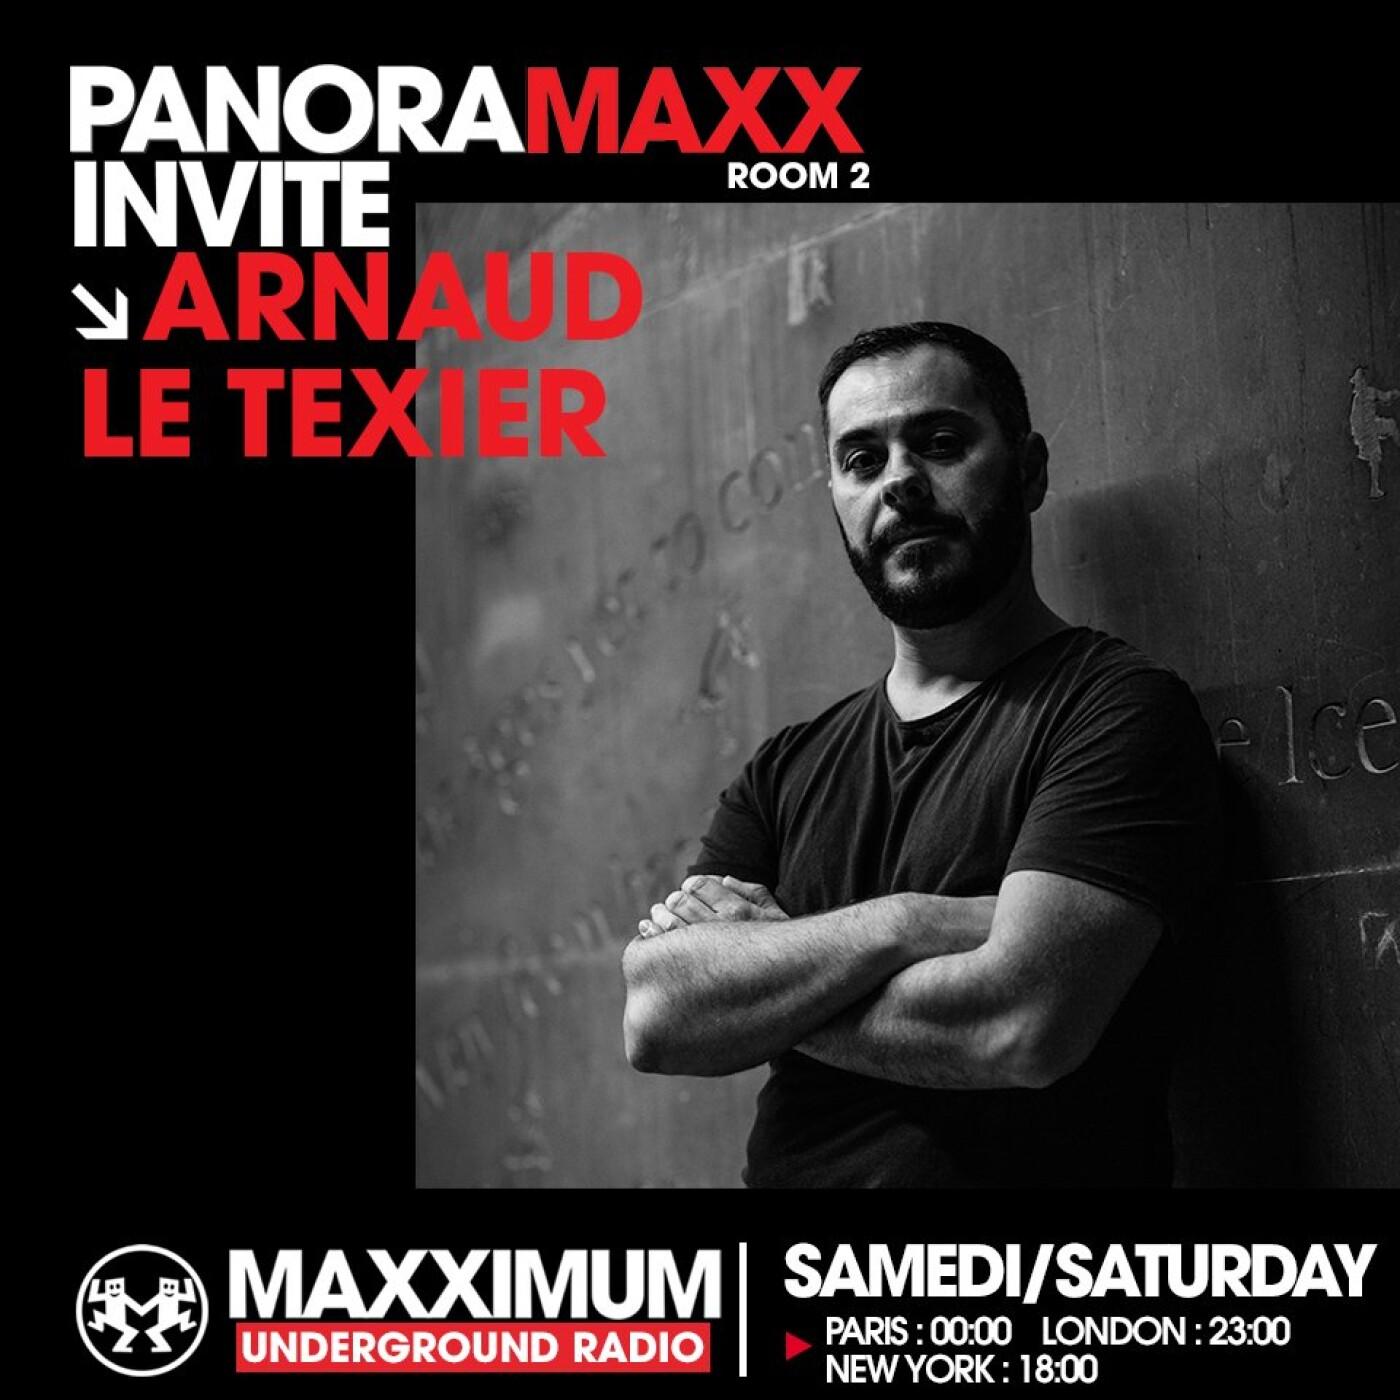 PANORAMAXX : ARNAUD LE TEXIER